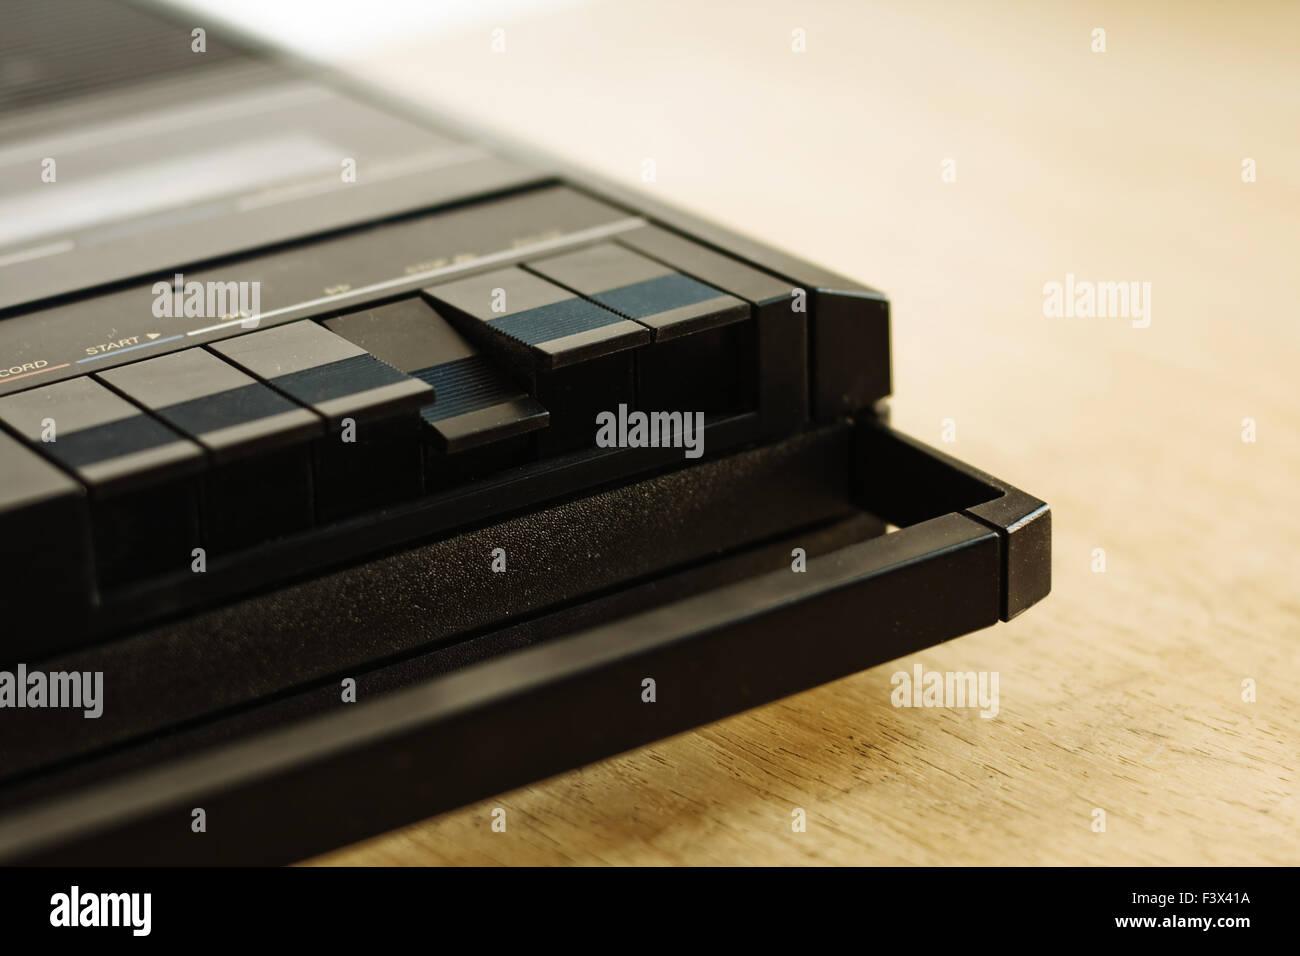 cassette tape recorder - Stock Image